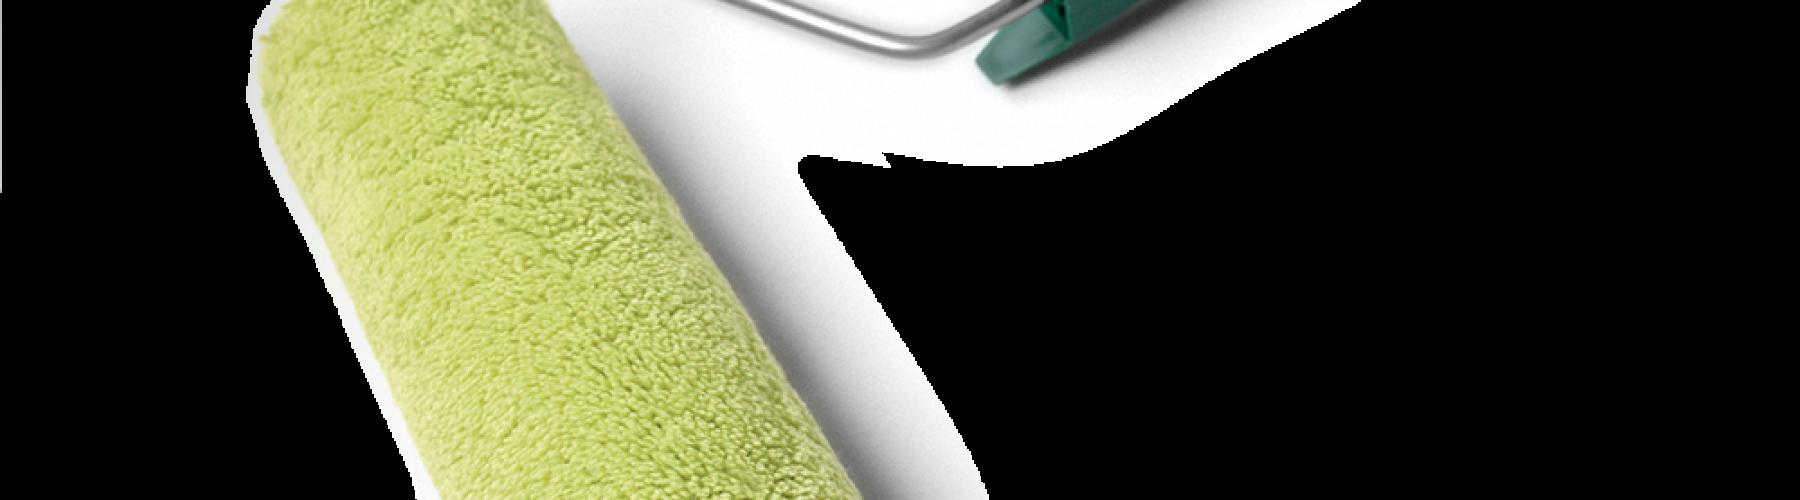 Rodillo hilo verde